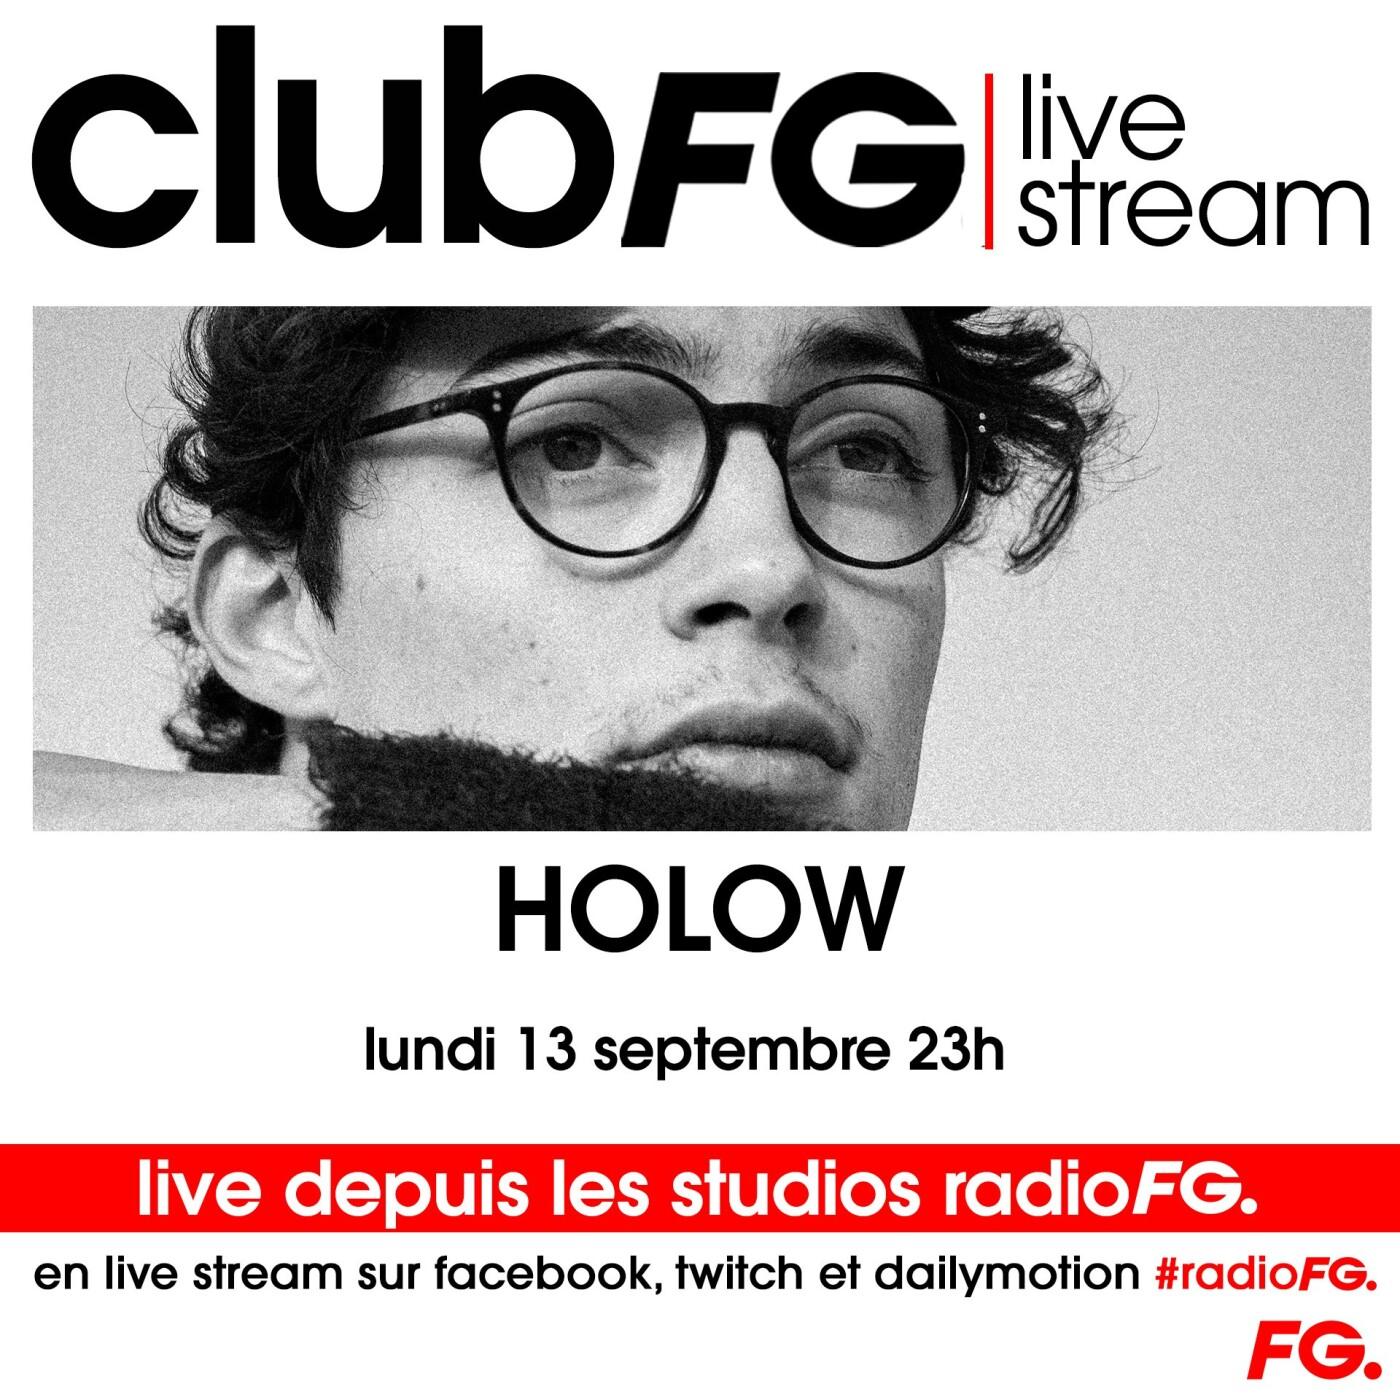 CLUB FG LIVE STREAM : HOLOW